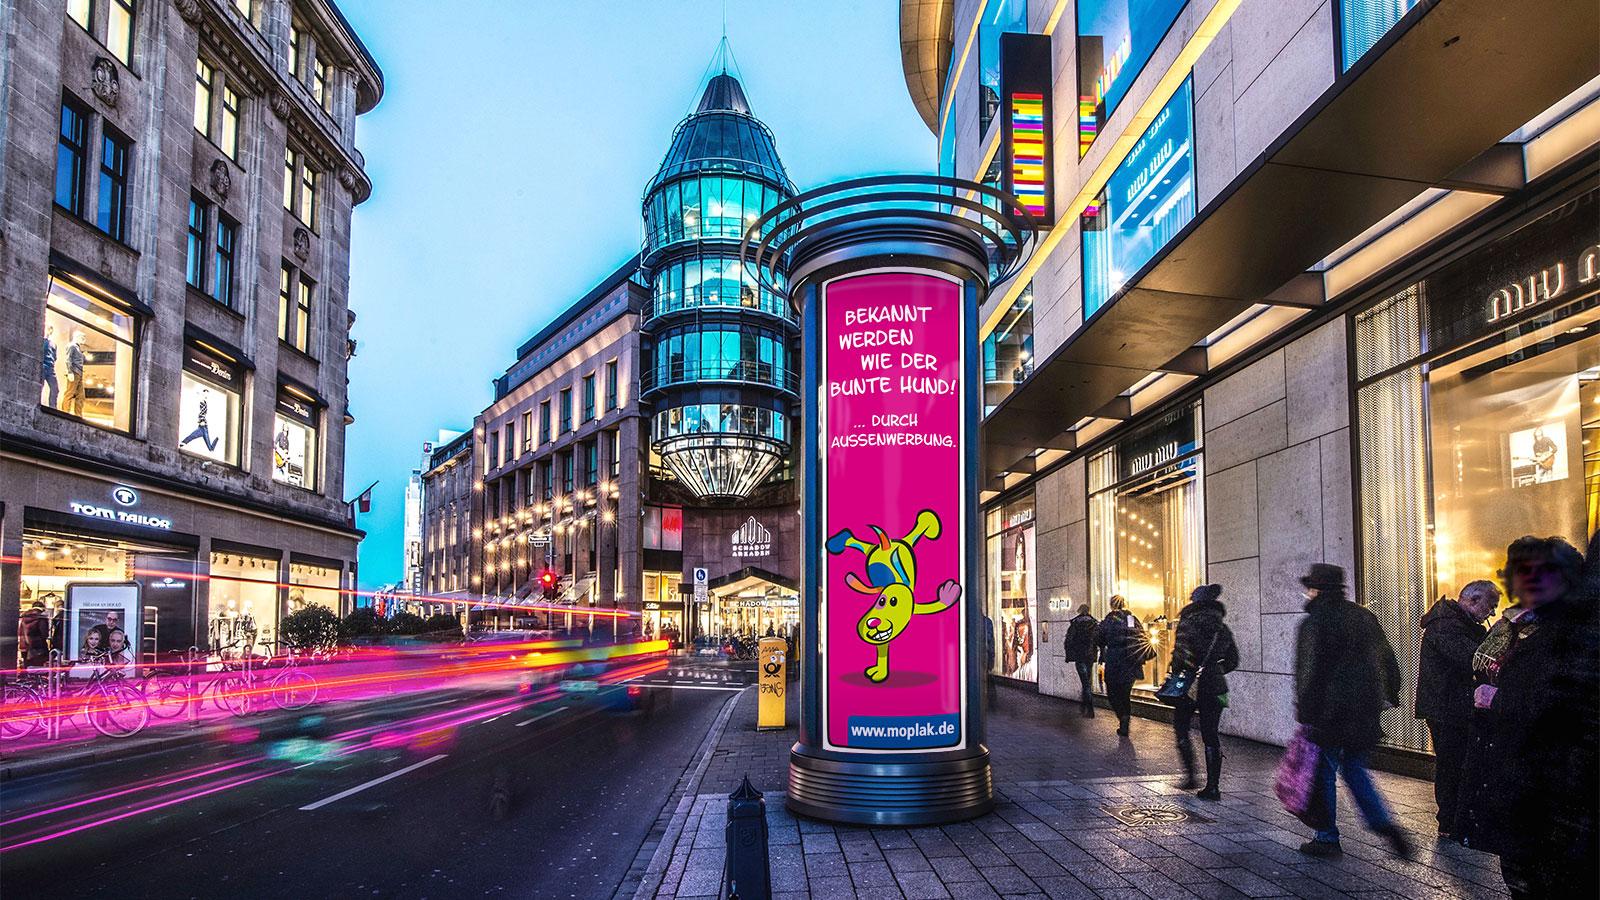 Magdeburg-Aussenwerbung-Litfasssaeule-Werbung